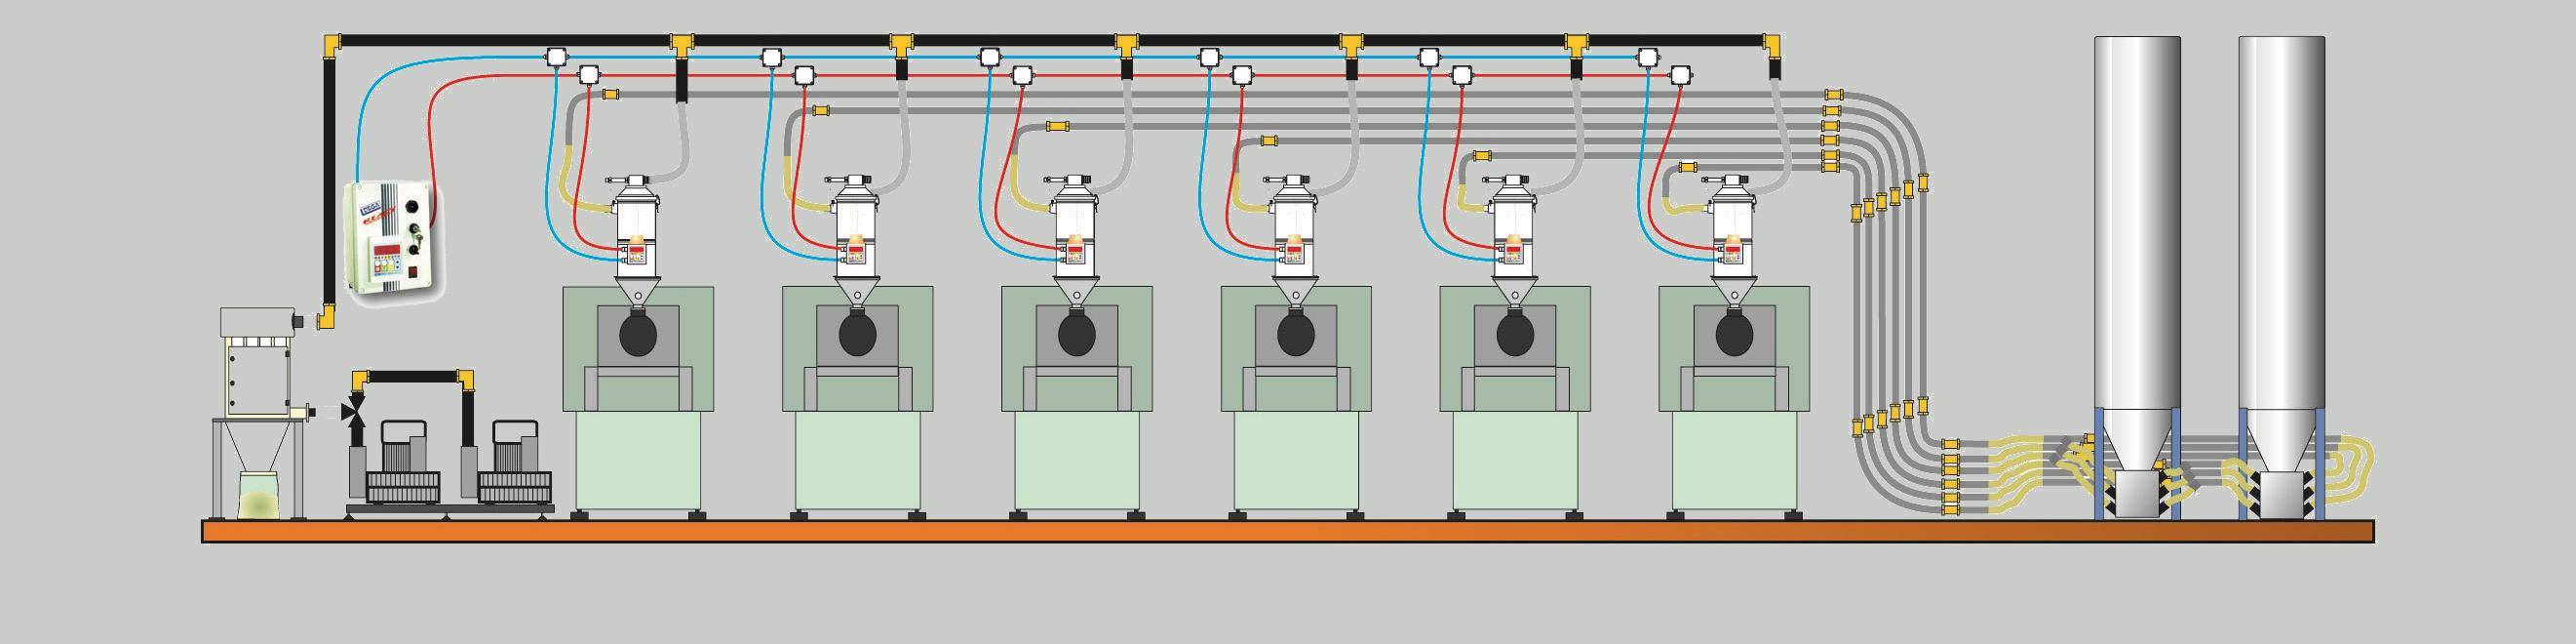 Központi gépenkénti anyagellátó rendszer vázlat